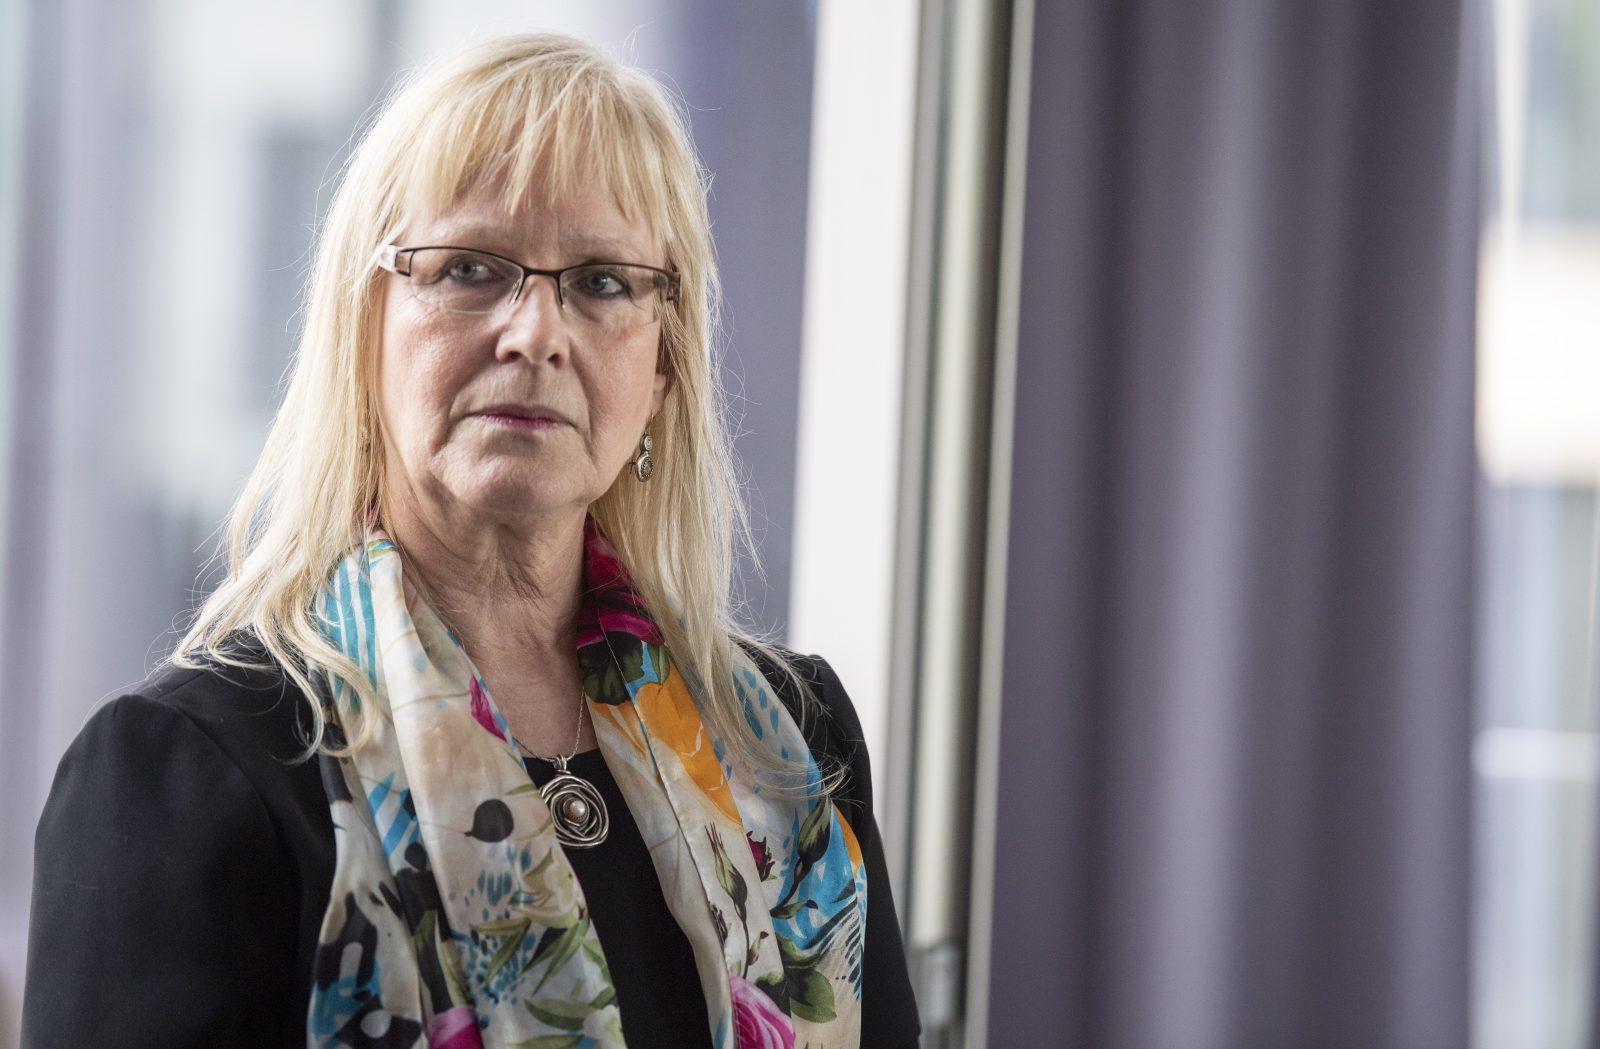 """Susanne Schröter: """"In einer wehrhaften Demokratie sollte es keinen Religionsbonus bei der Bekämpfung von gewalttätigem Extremismus geben."""""""